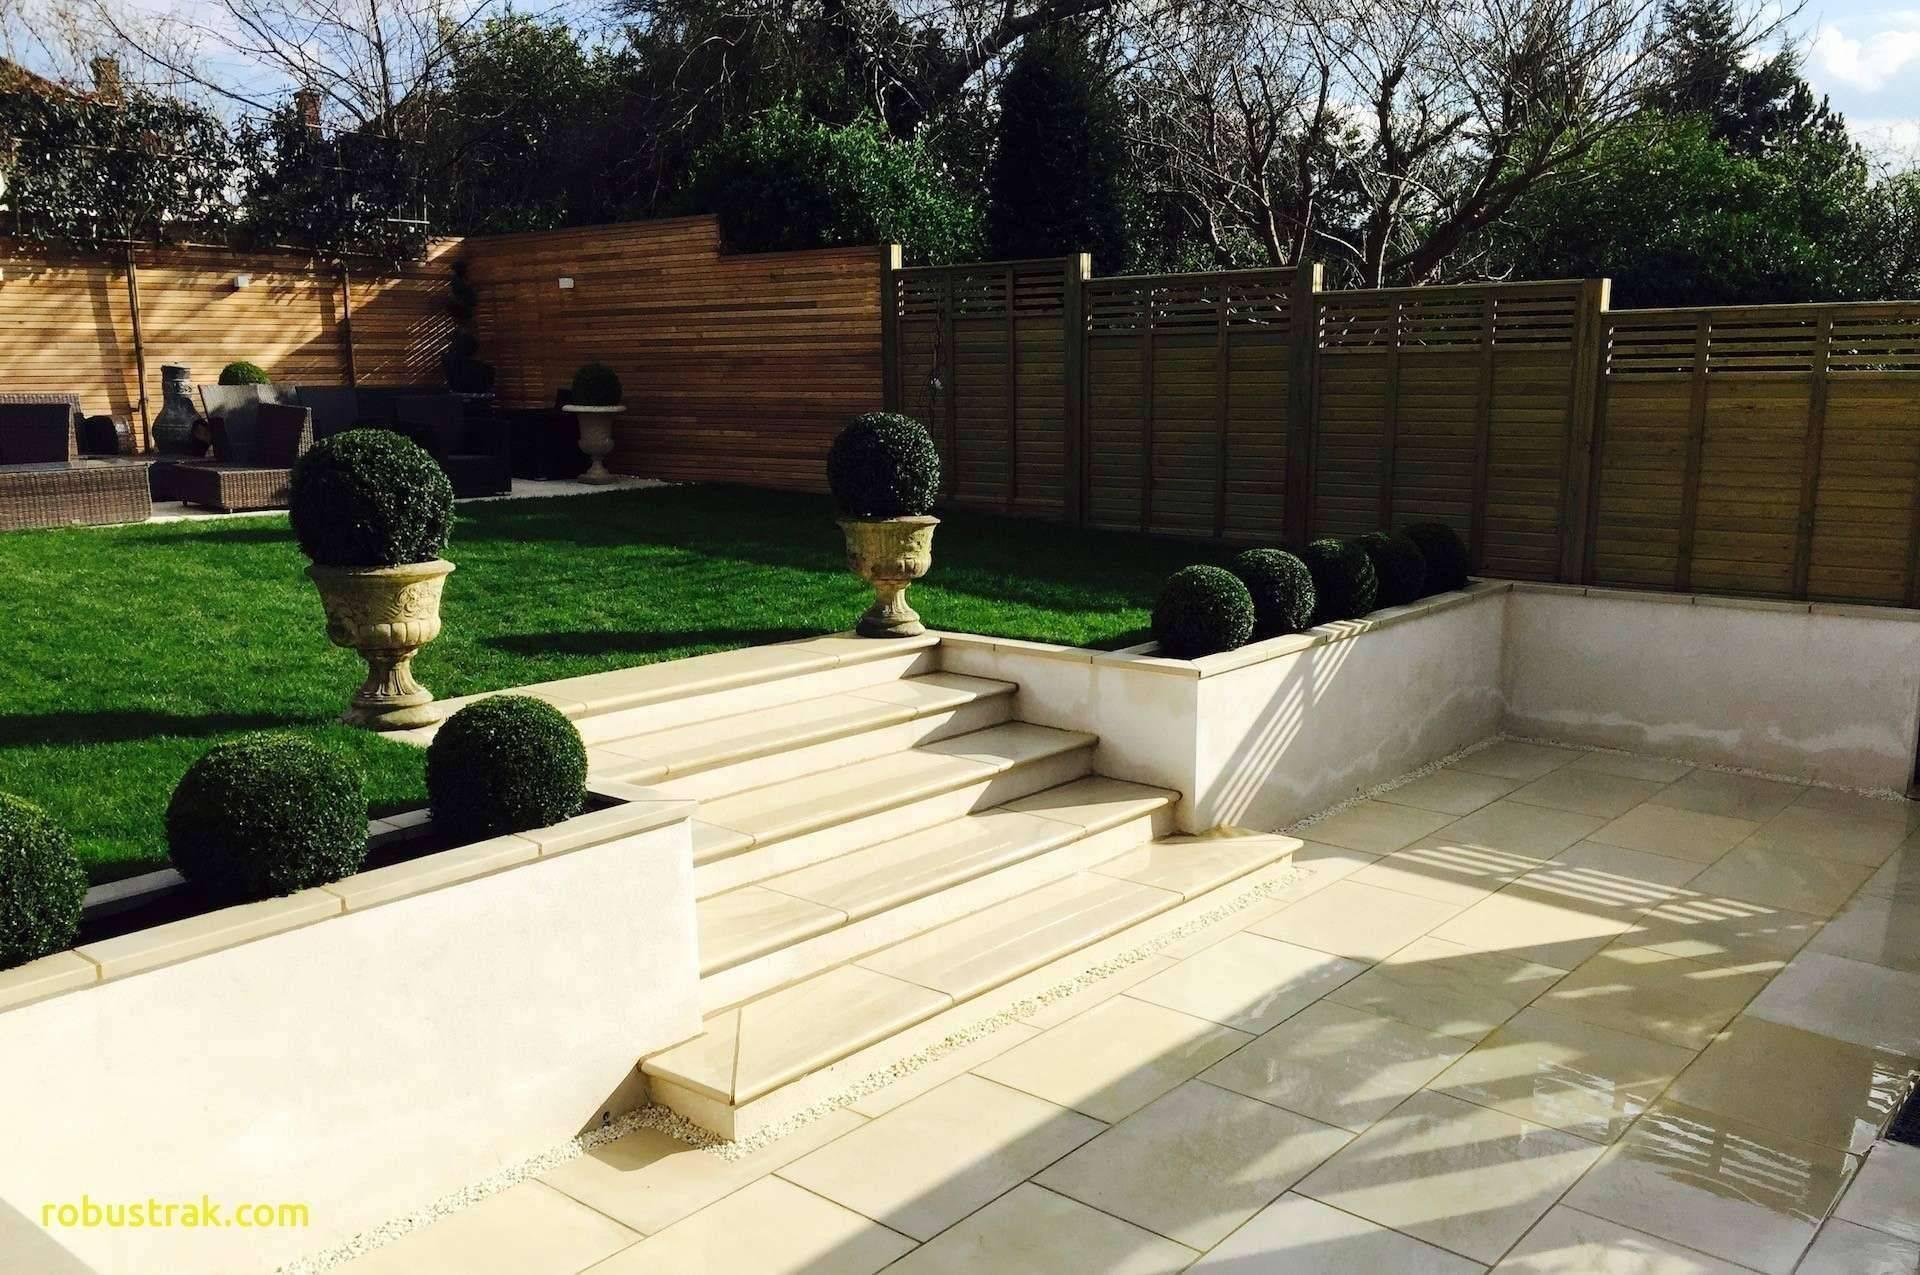 background of landscape gardening inspirational 36 fresh ideas for gardens ideas of background of landscape gardening